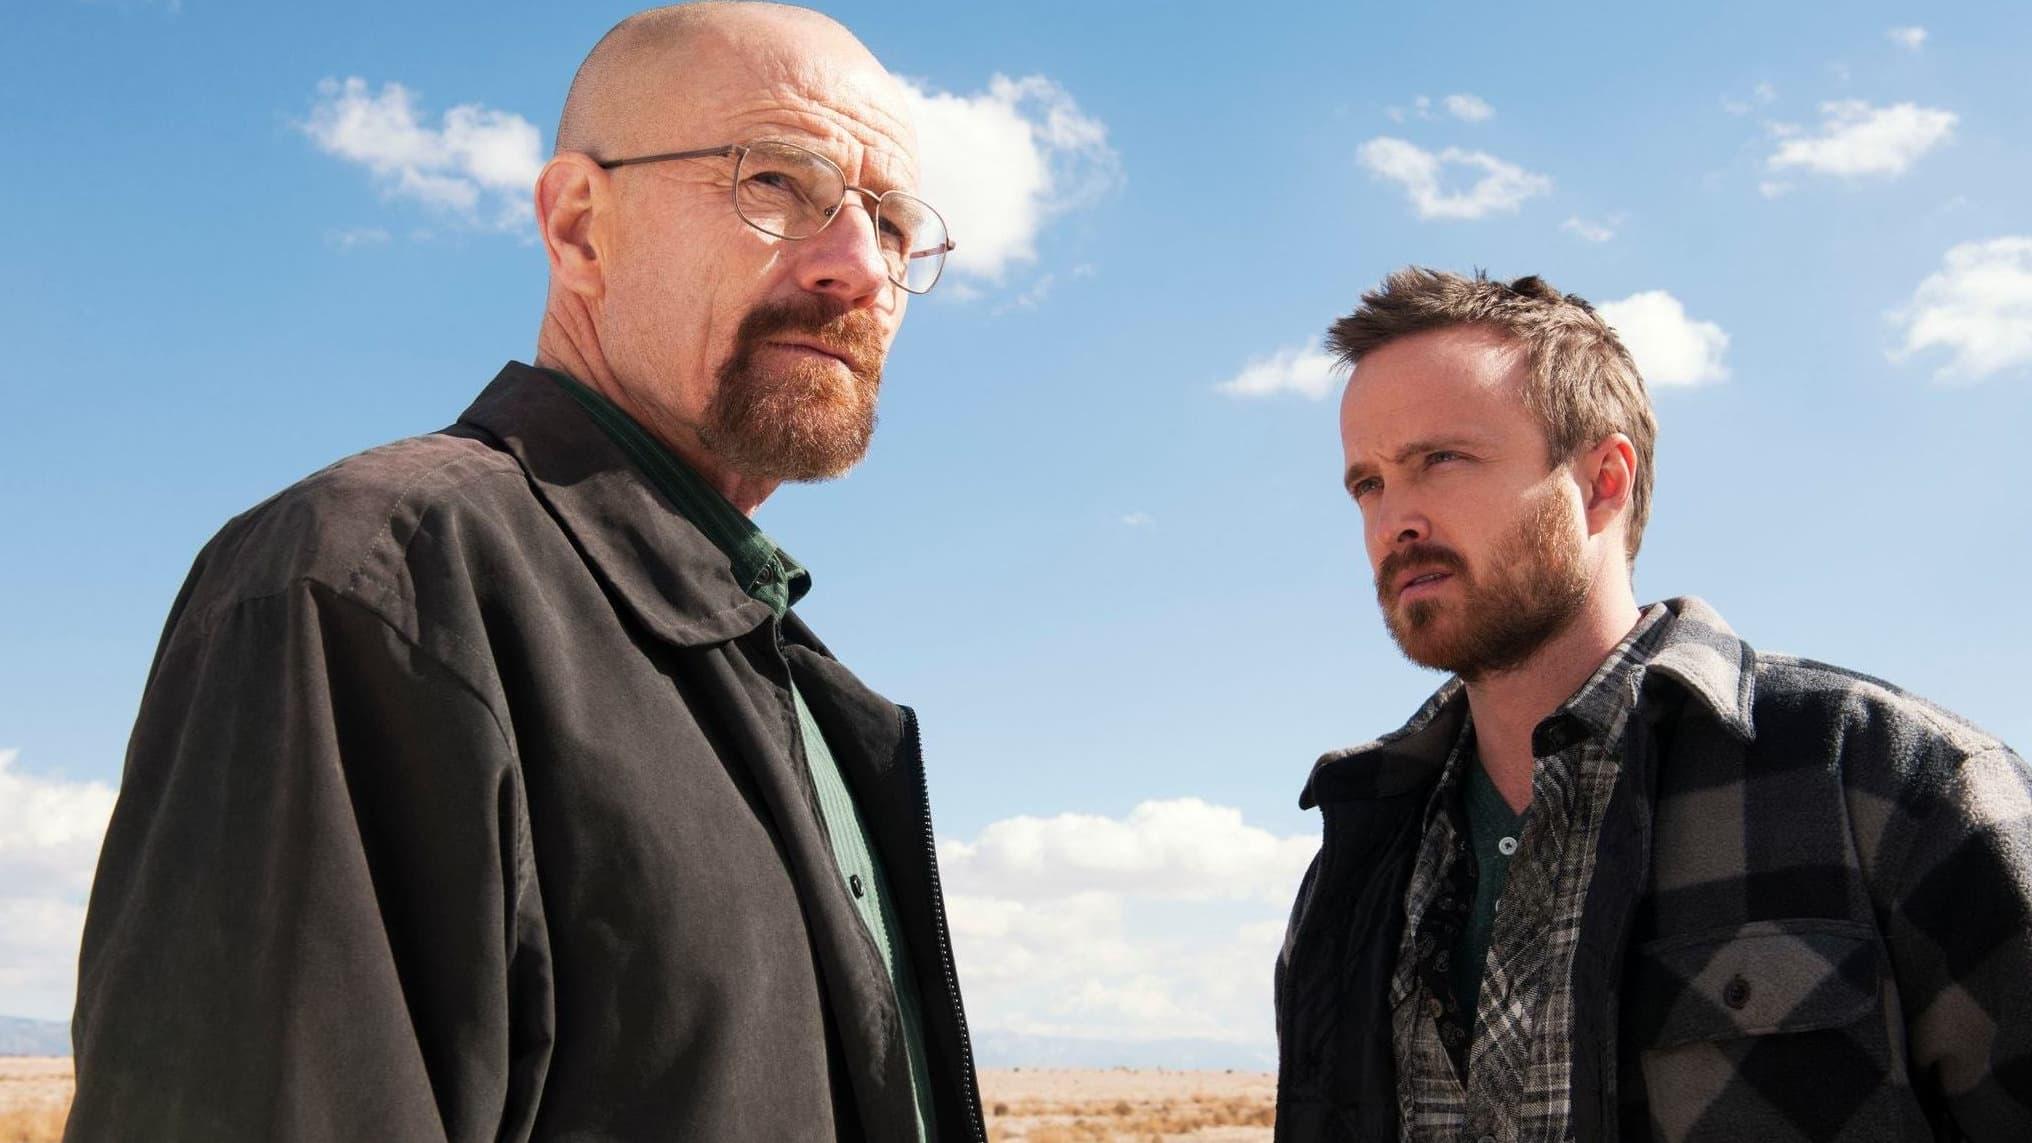 Le film Breaking Bad, bientôt sur Netflix, s'offre une première bande-annonce